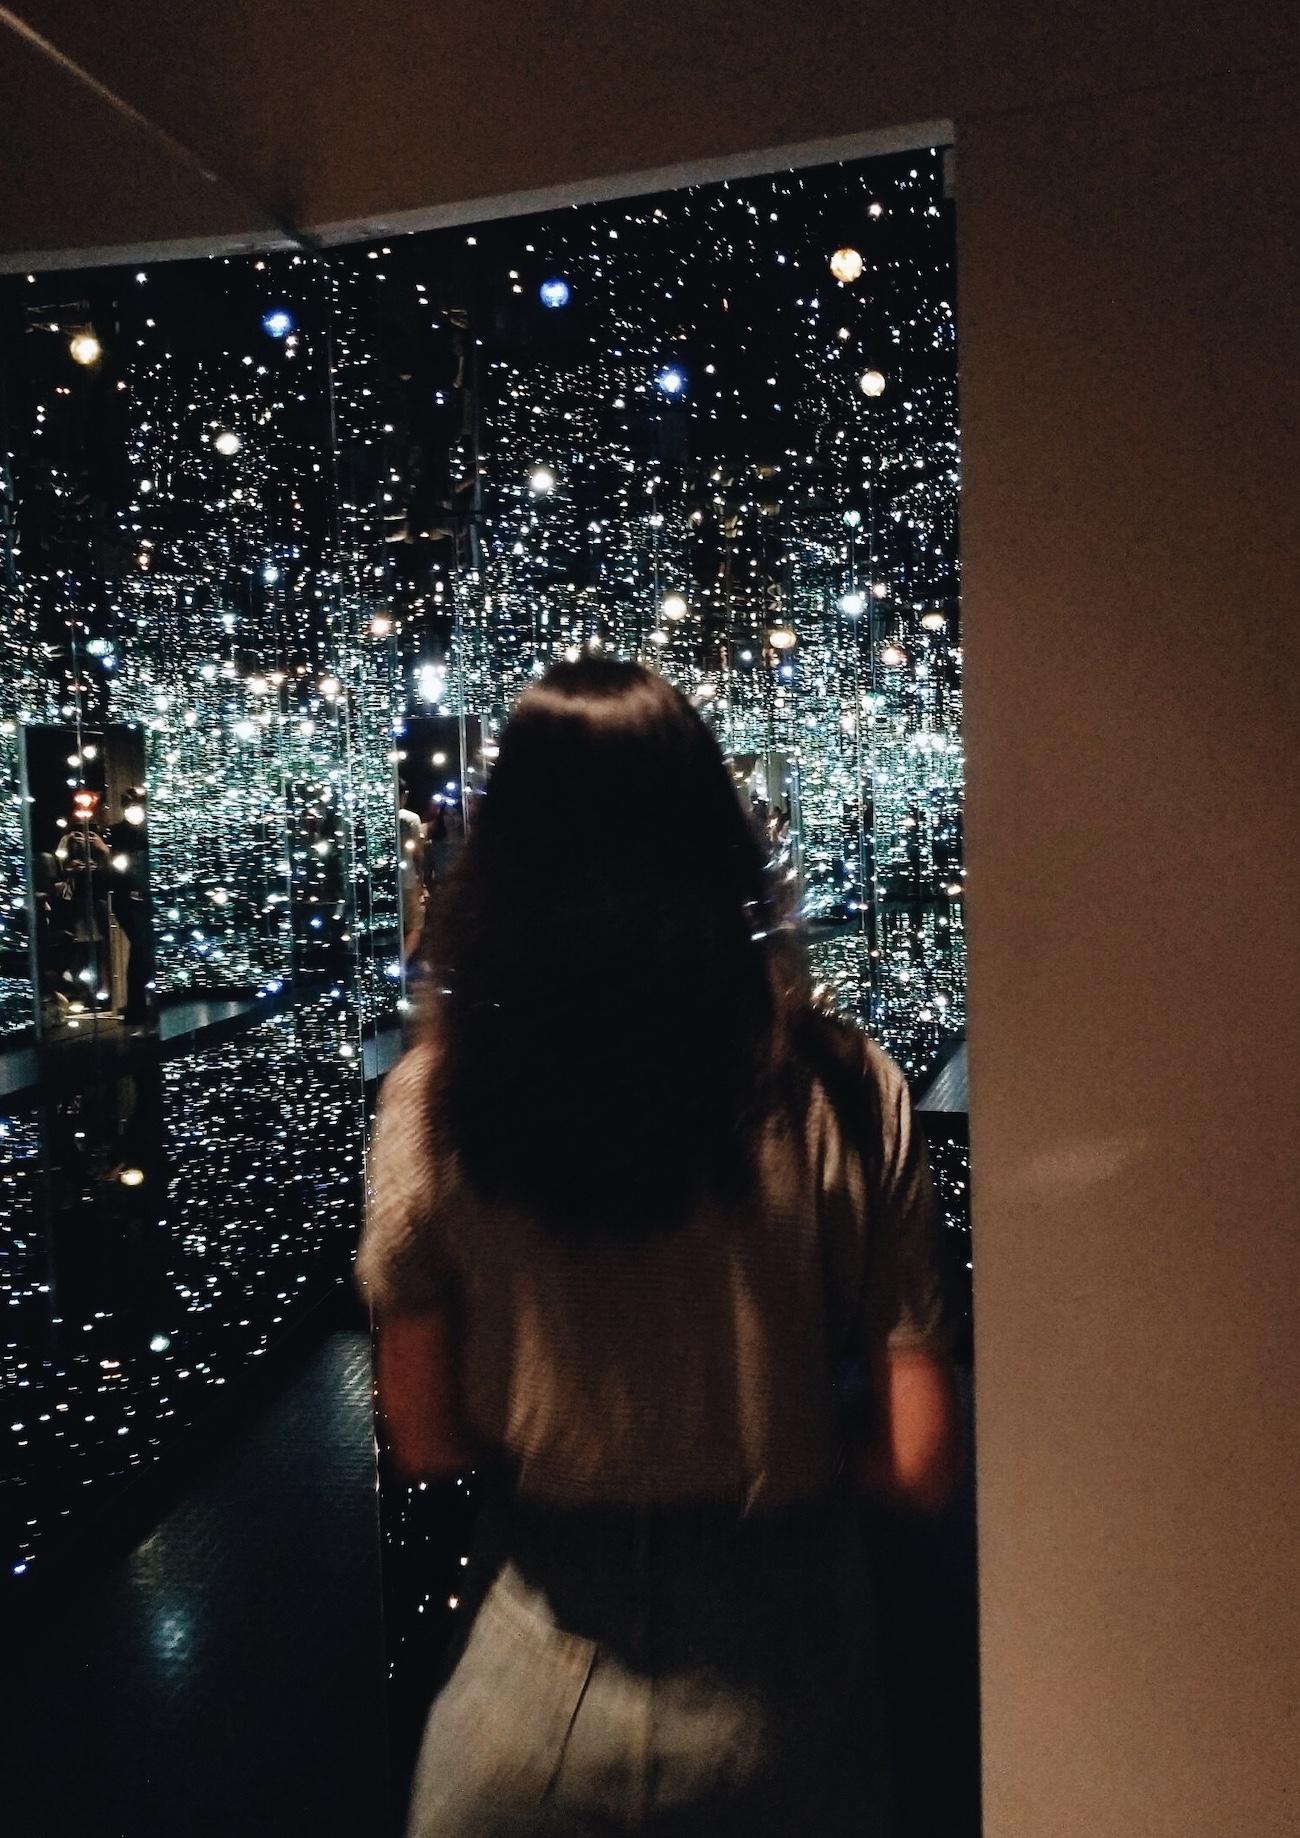 Entering Yayoi Kusama's infinity room!